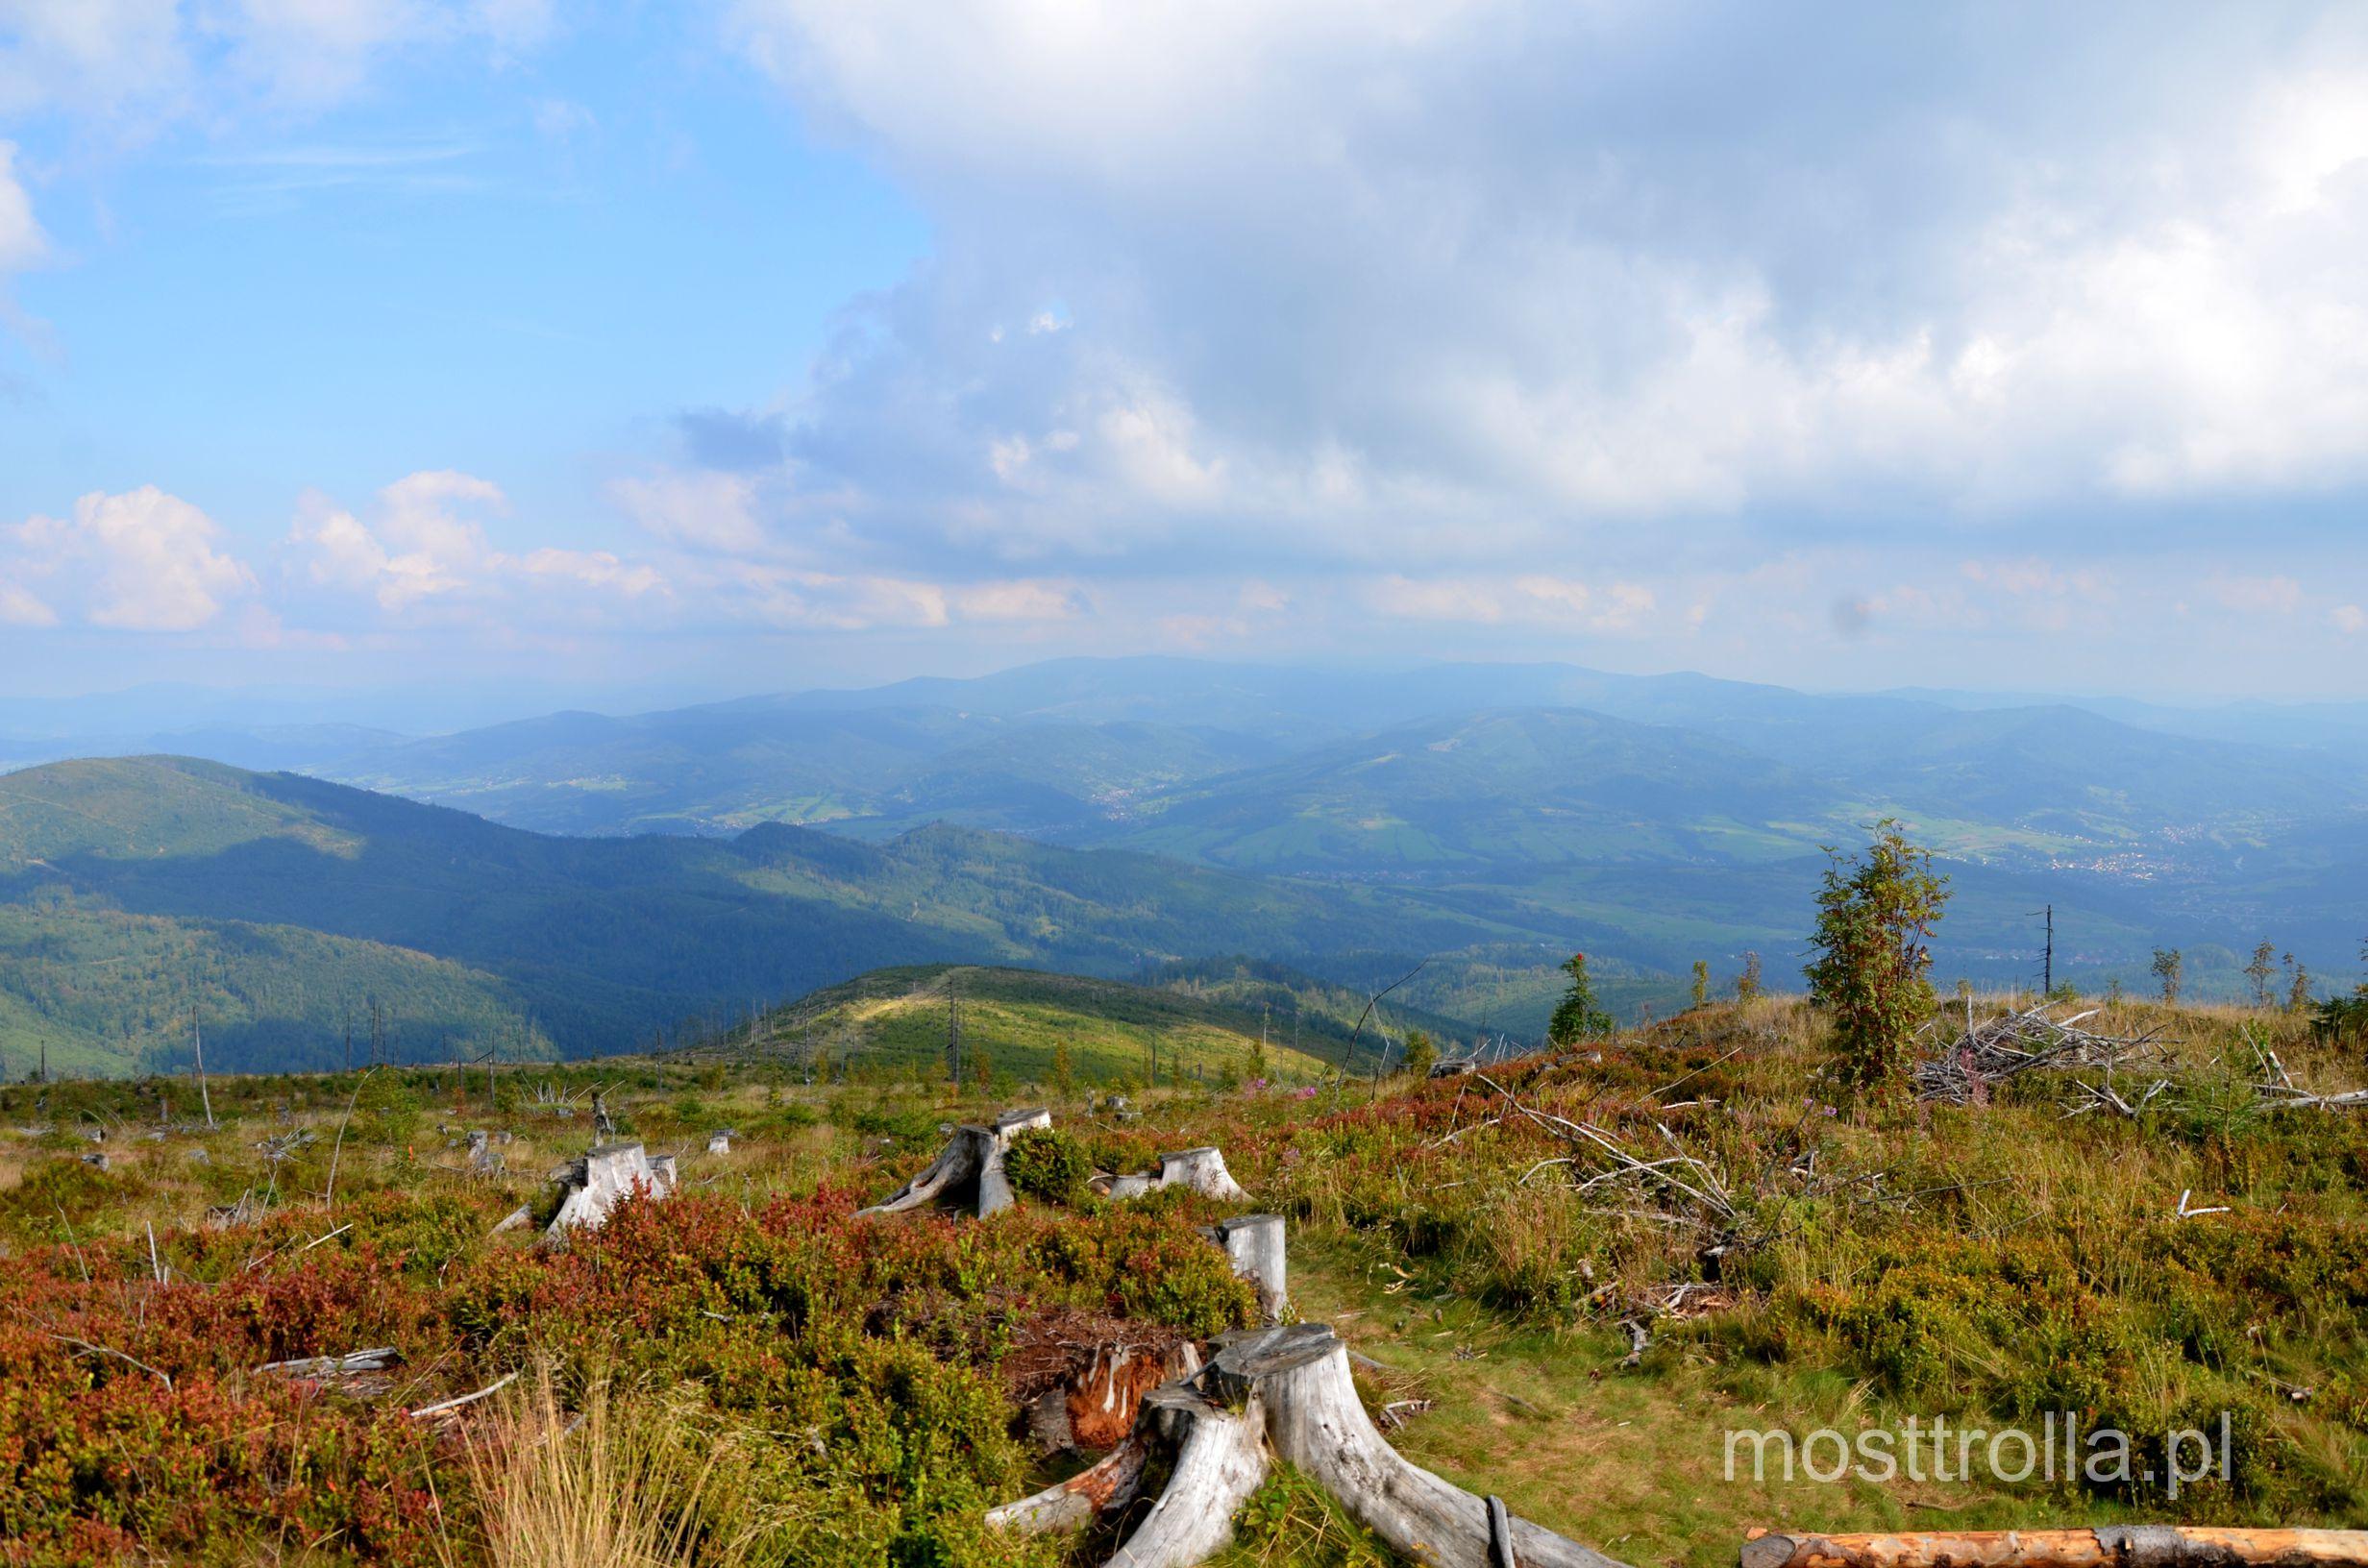 Barania góra - widok ze szczytu.